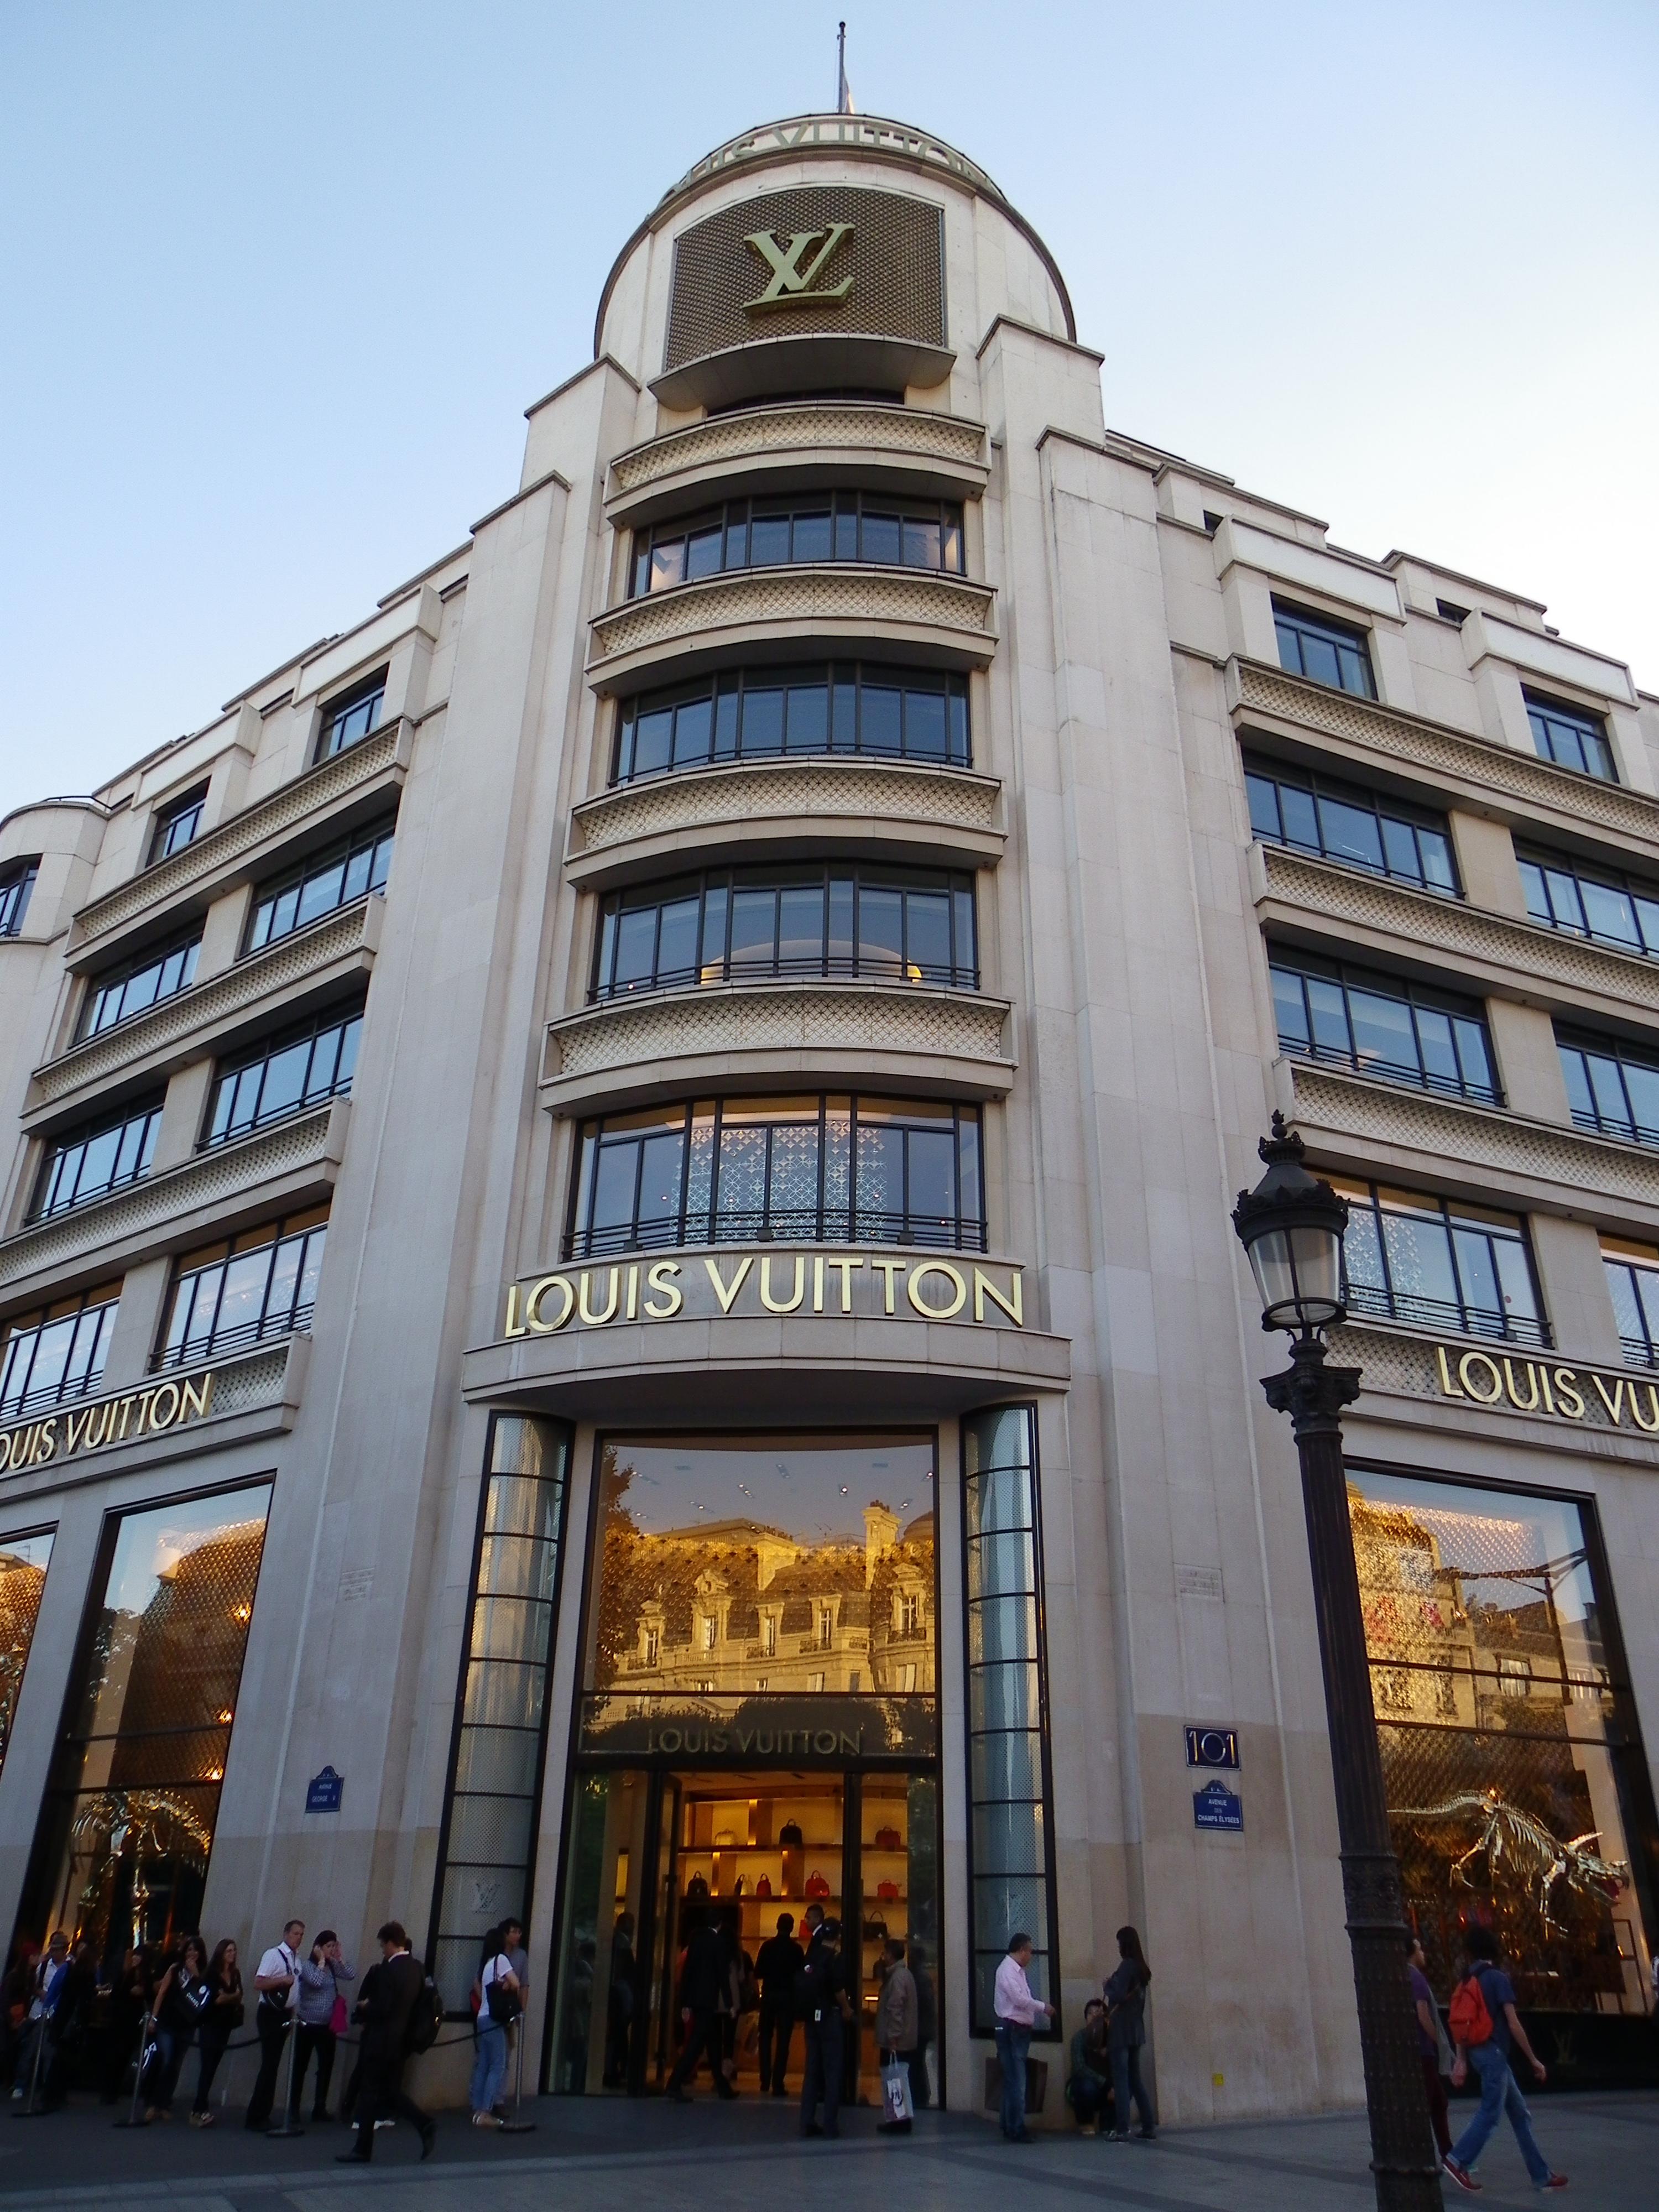 Louis Vuitton Paris Champs-élysées Paris